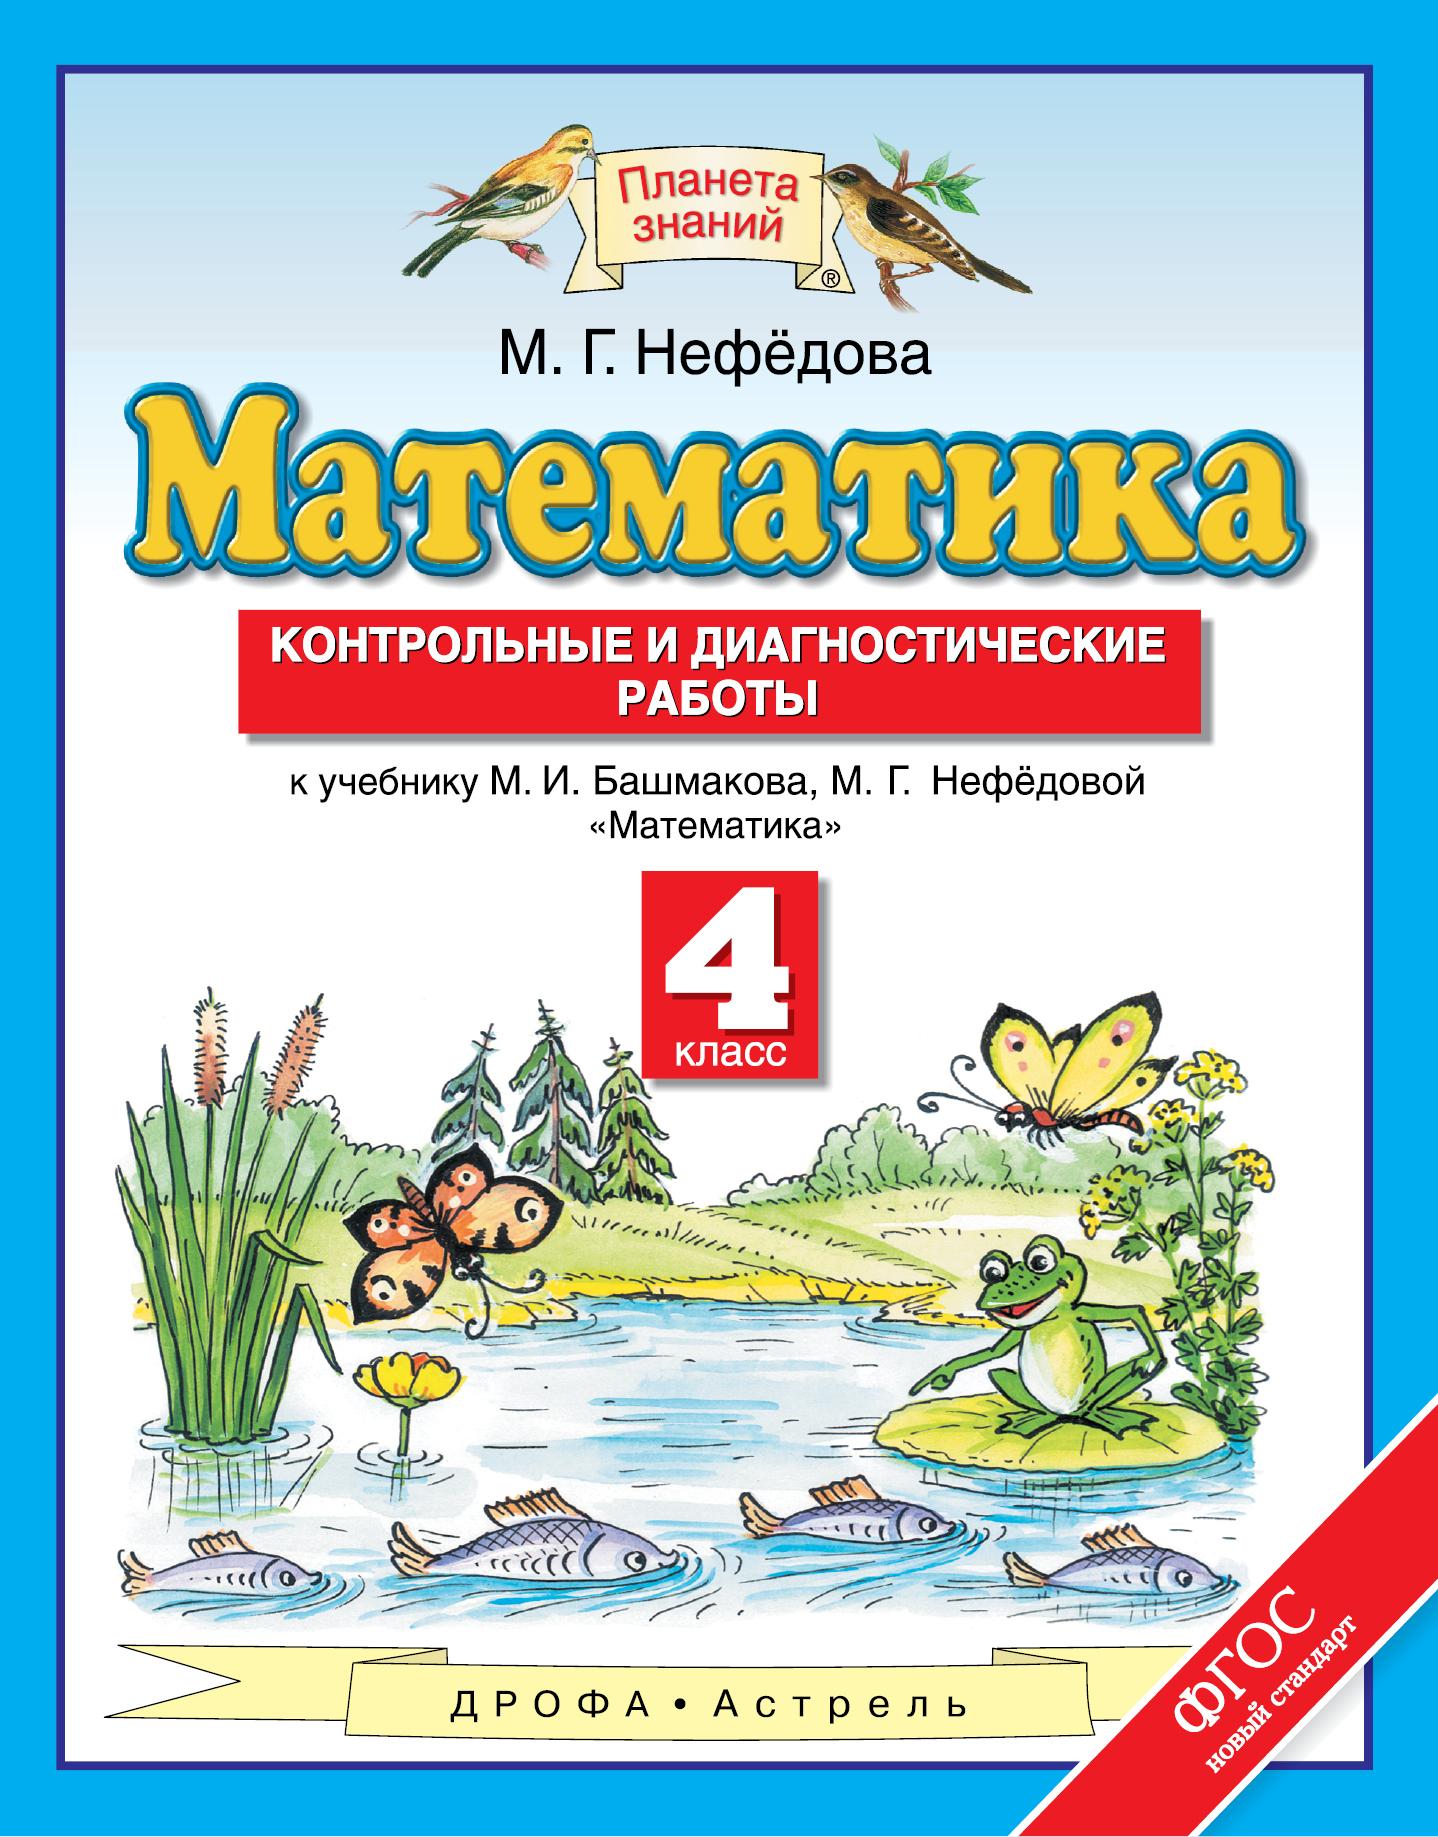 Математика. 4 класс. Контрольные и диагностические работы от book24.ru